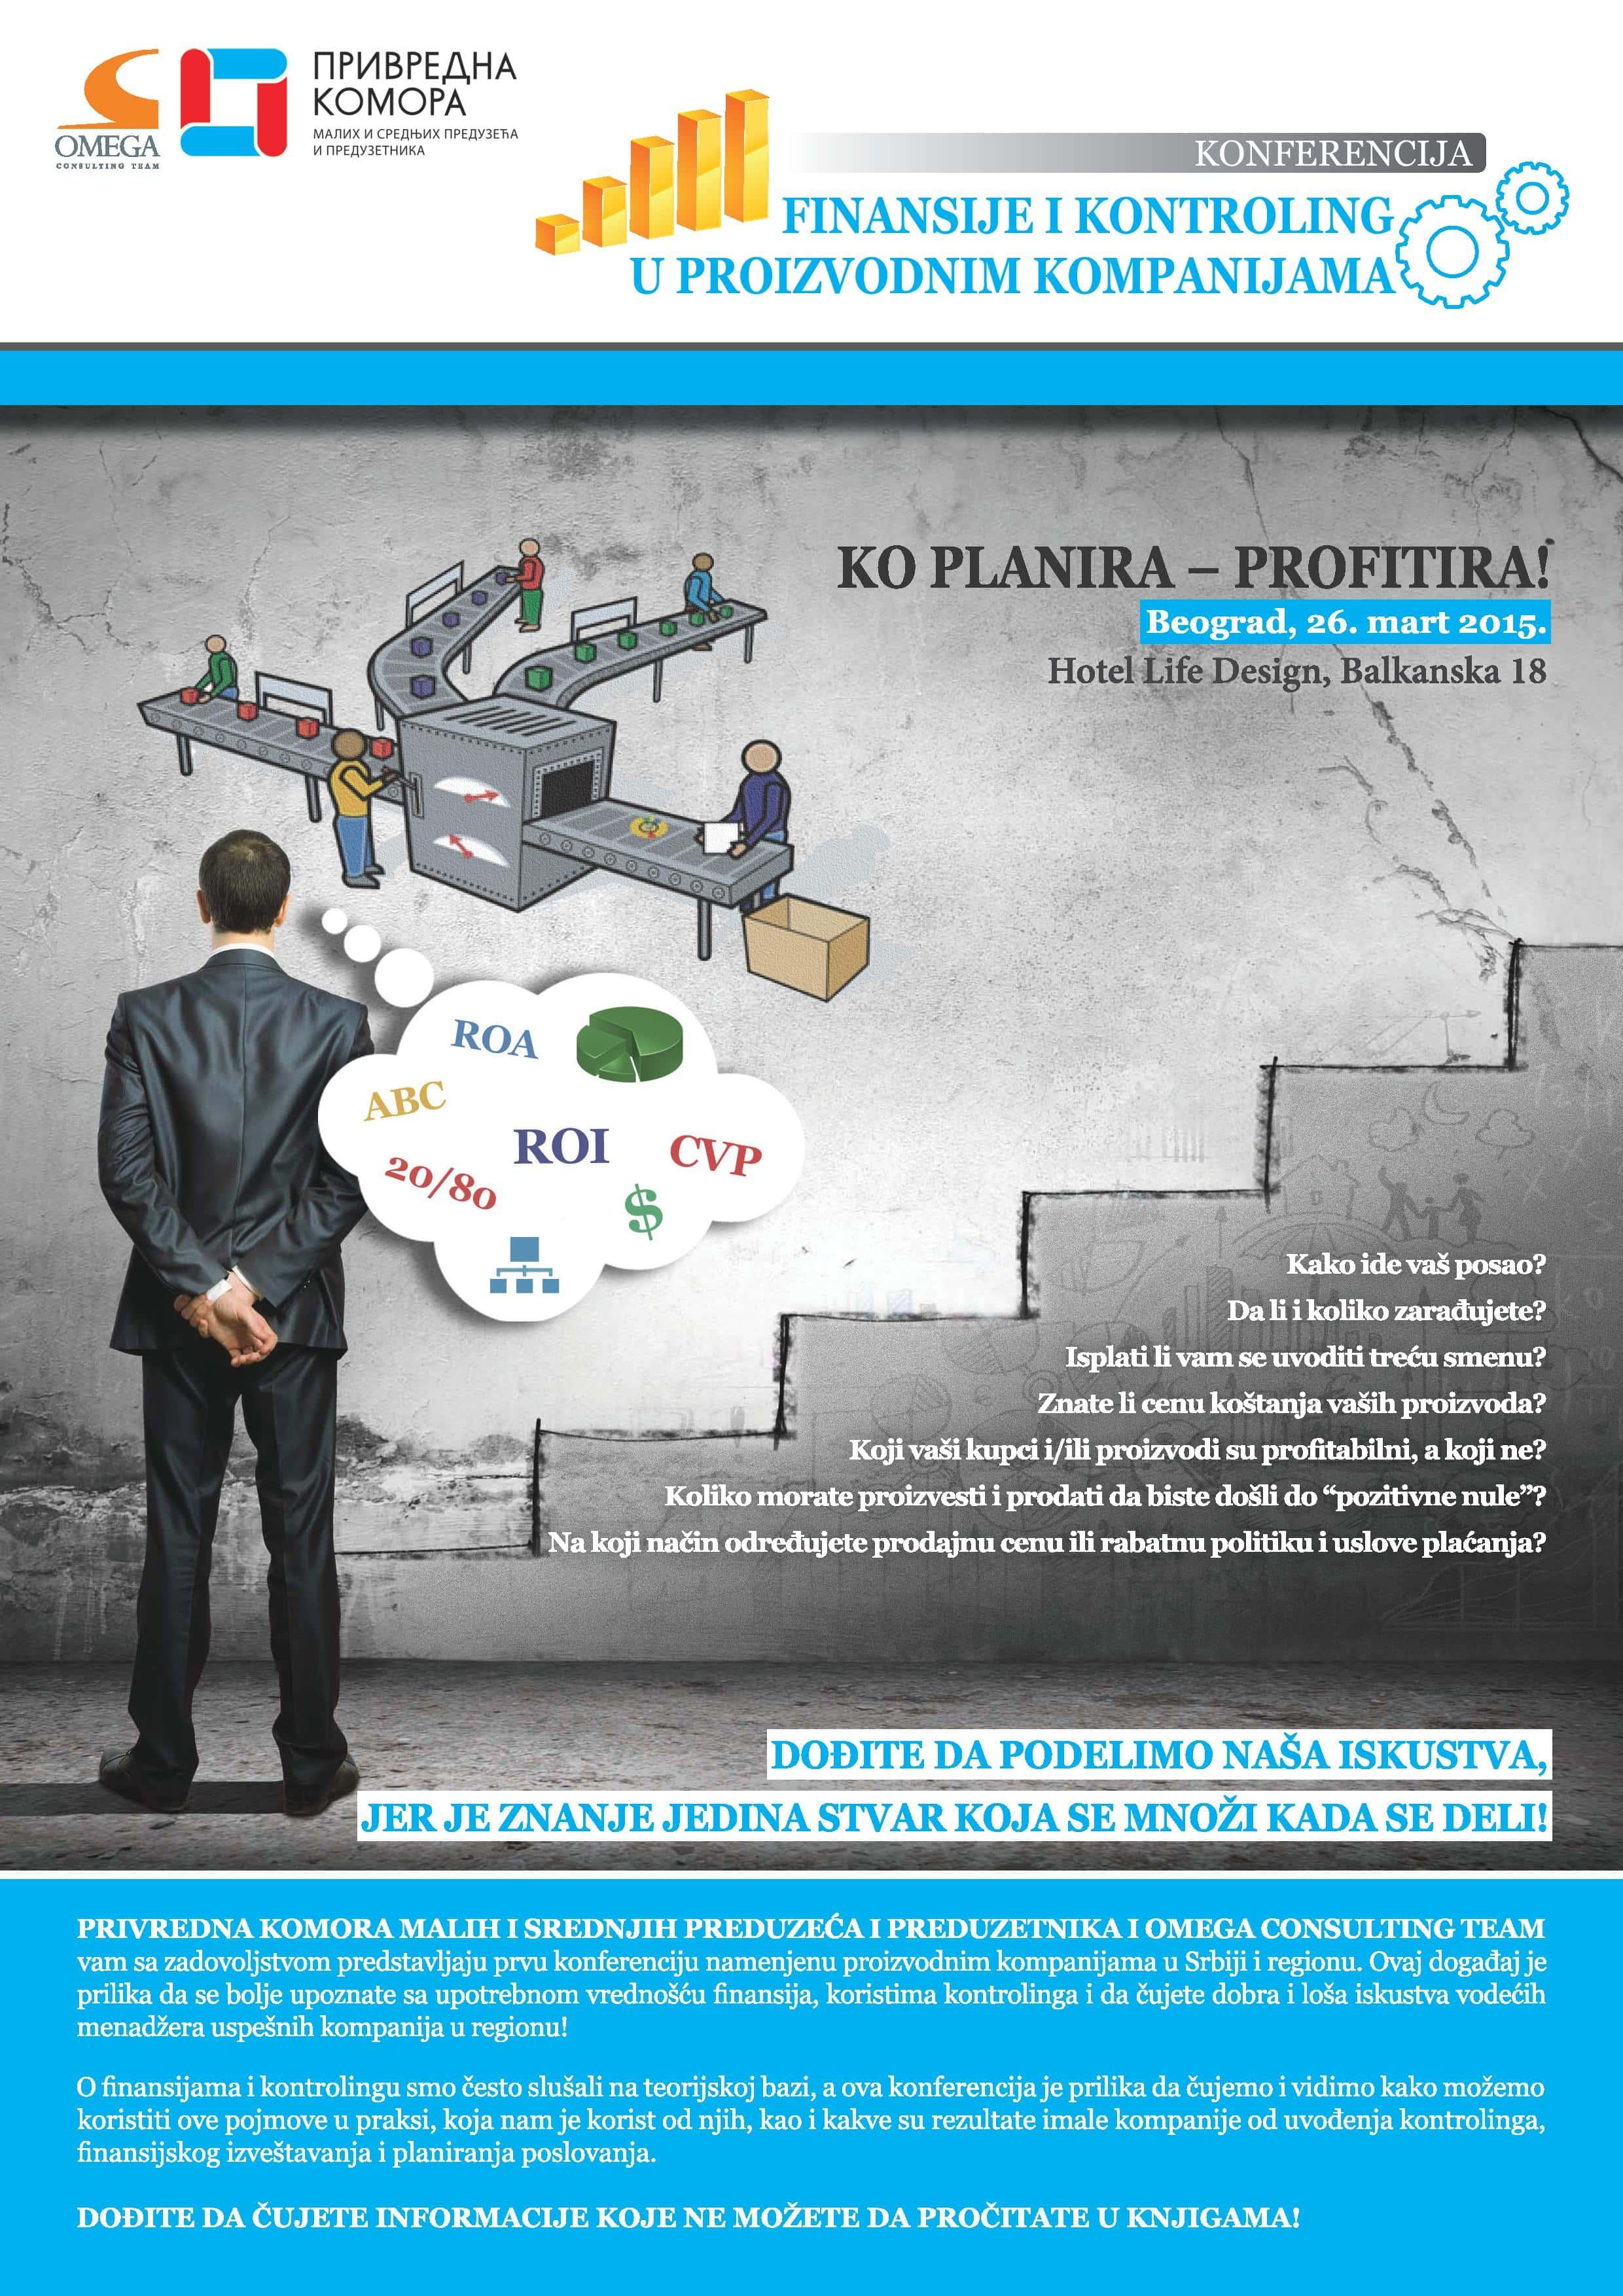 Konferencija - Finansije i kontroling u proizvodnim kompanijama-page-001 (1)